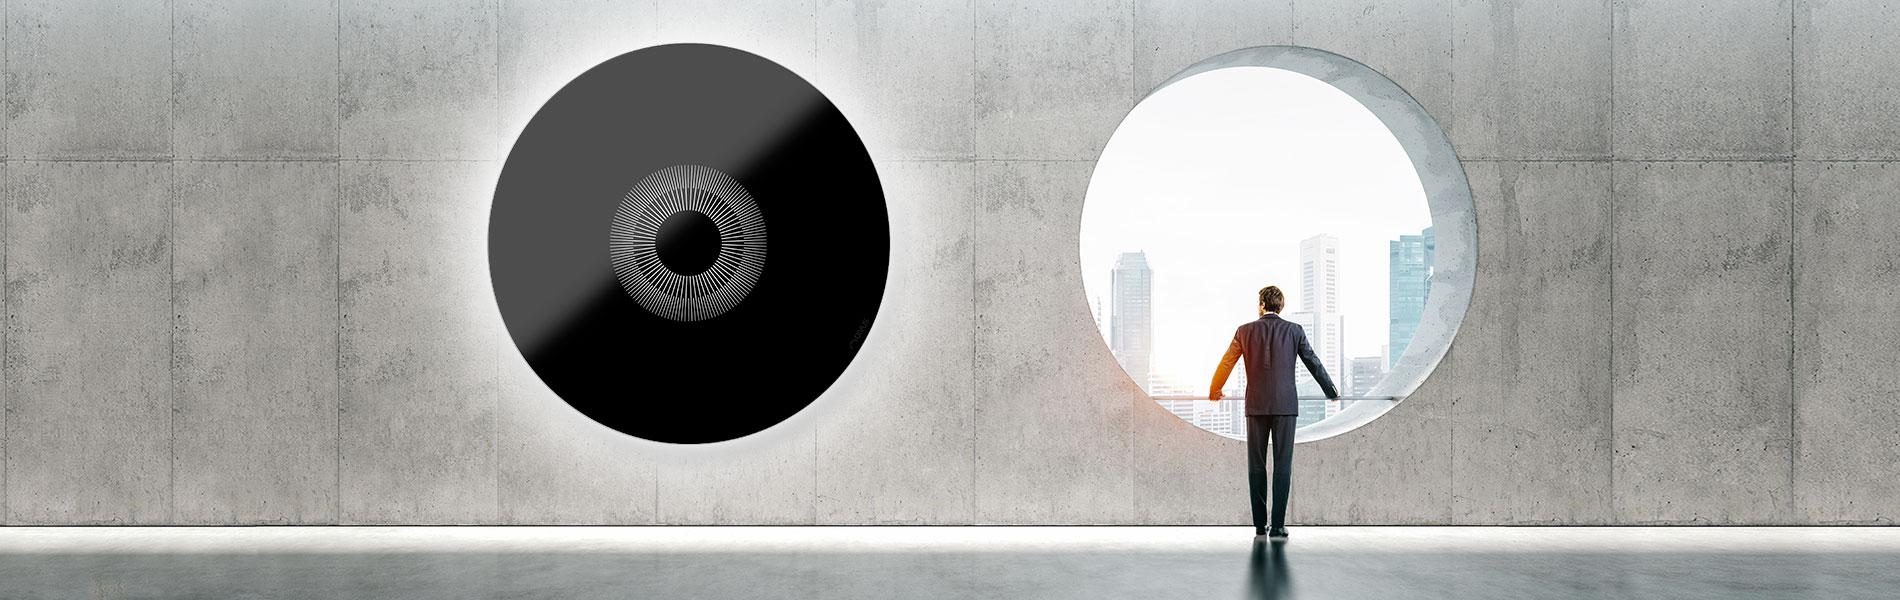 circle_beton-slider-1900px